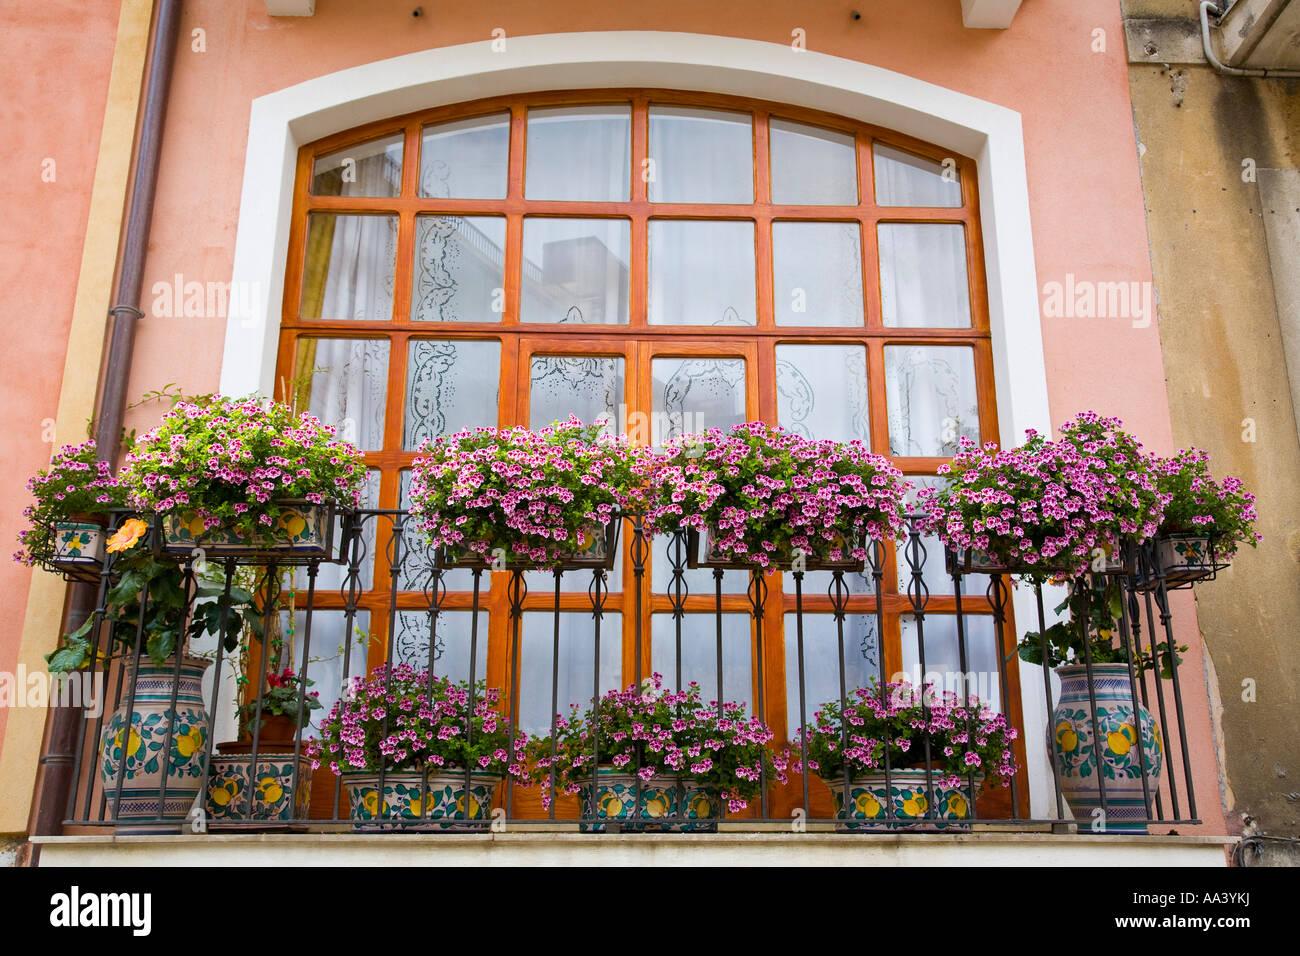 Blumen Für Die Wohnung blumen auf typische wohnung balkon taormina sizilien italien